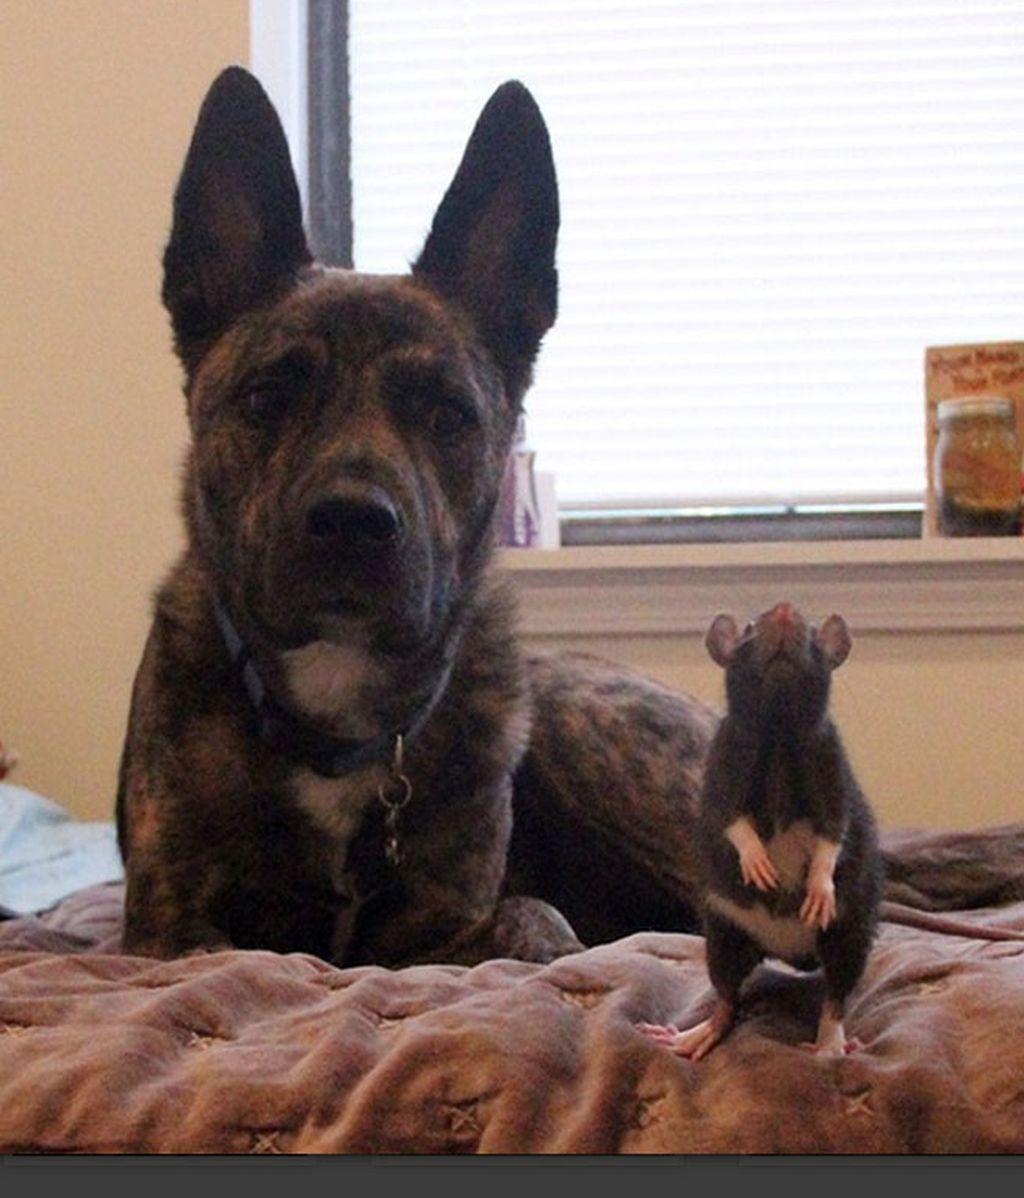 Una rata y un perro, un ejemplo de convivencia